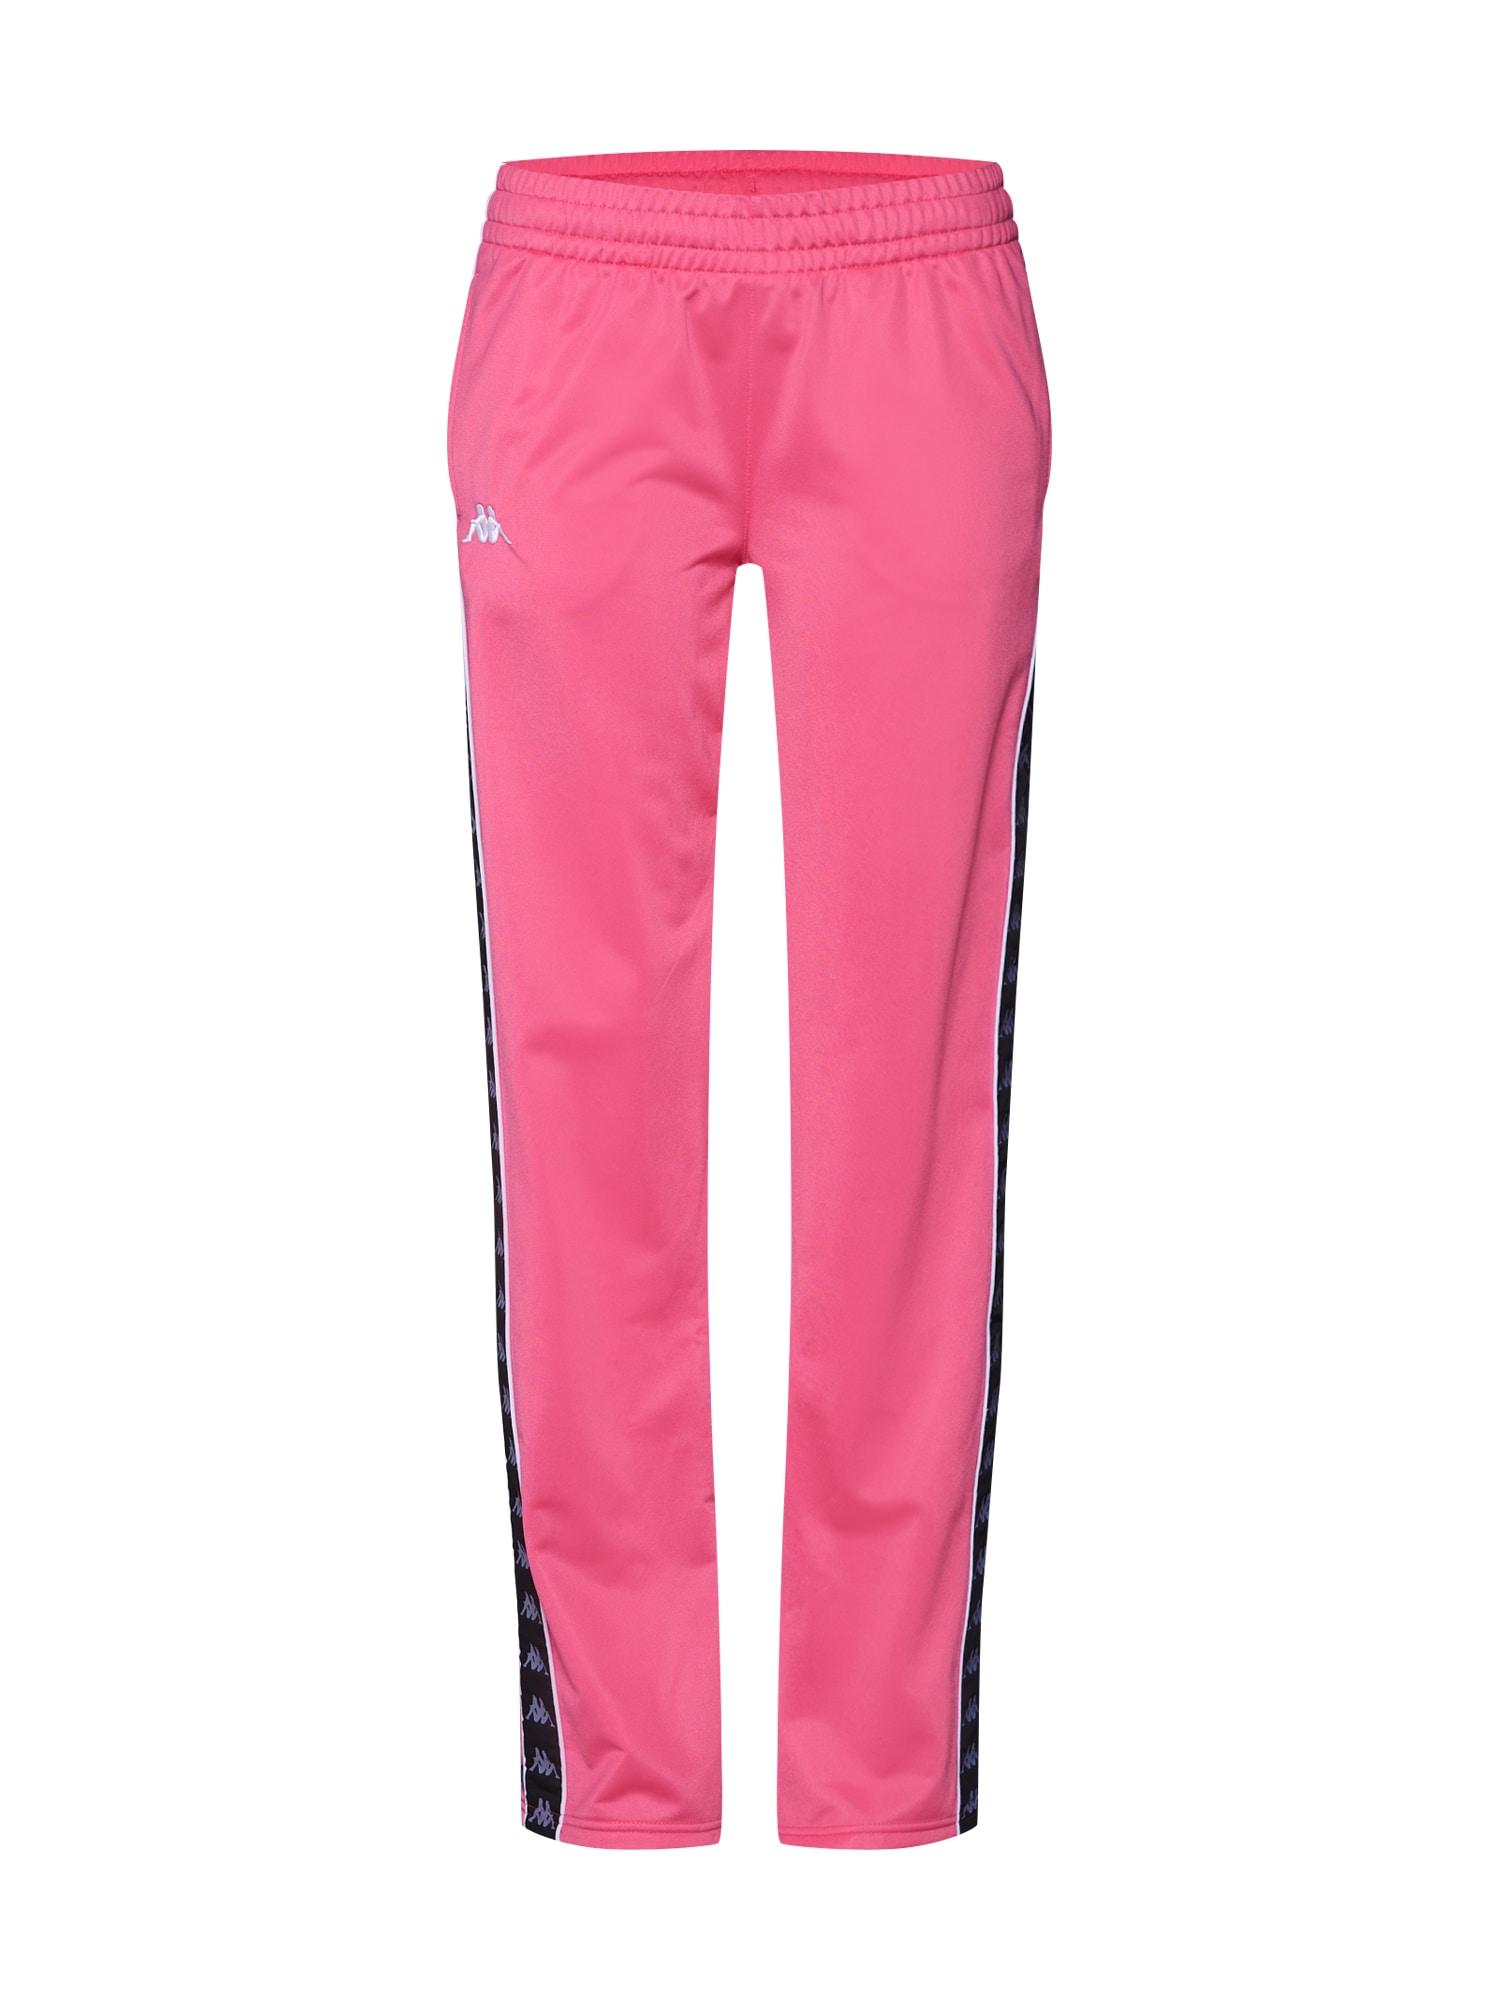 Kalhoty ELVIRA pink černá KAPPA